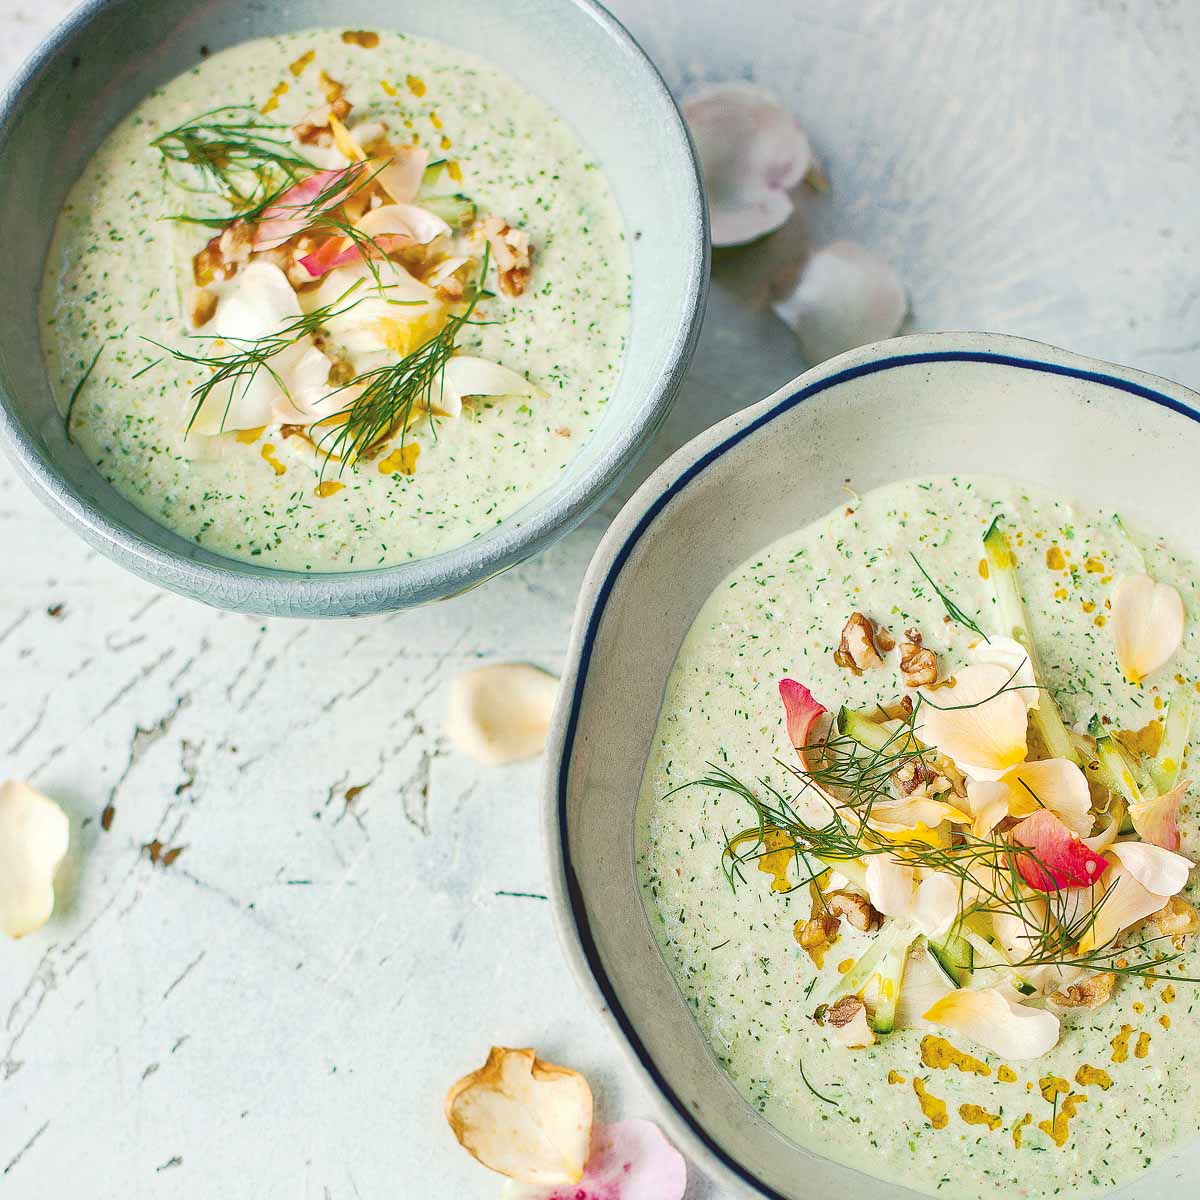 Gurken-Joghurt-Suppe mit Walnüssen und Rosenblüten